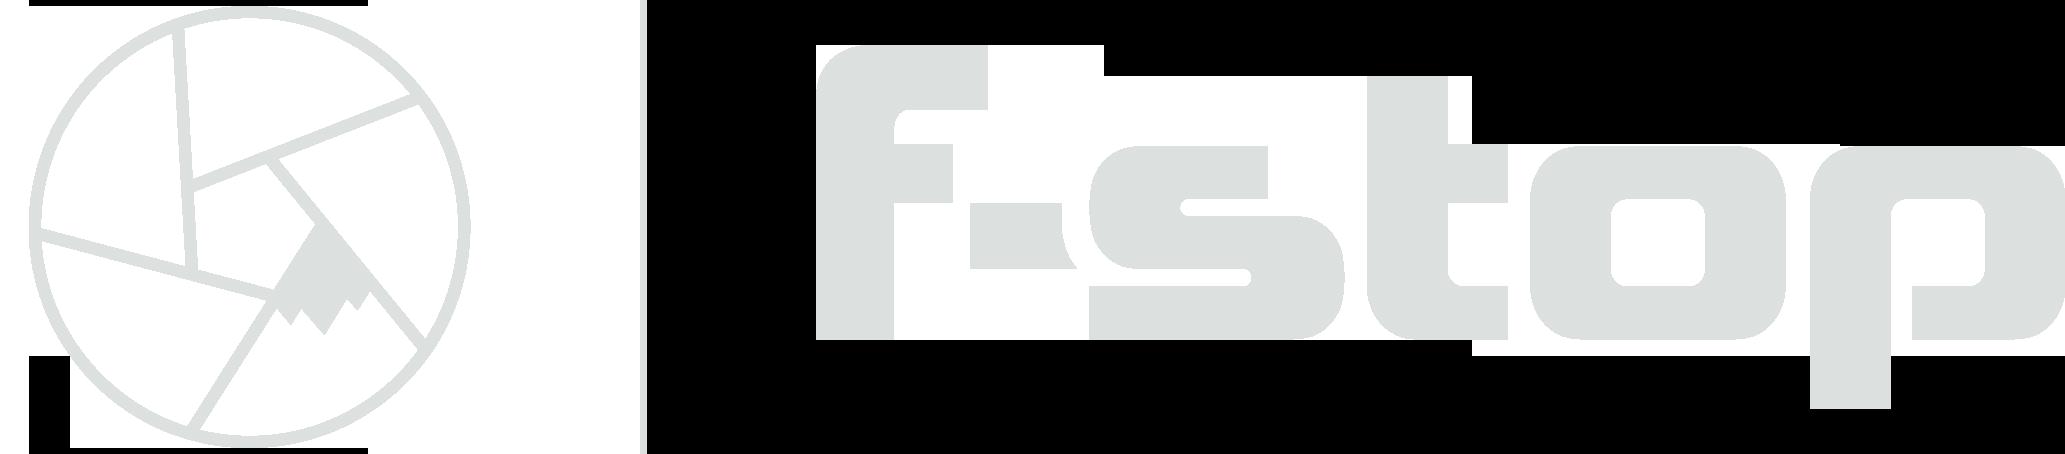 f-stop-logo copywhite.png